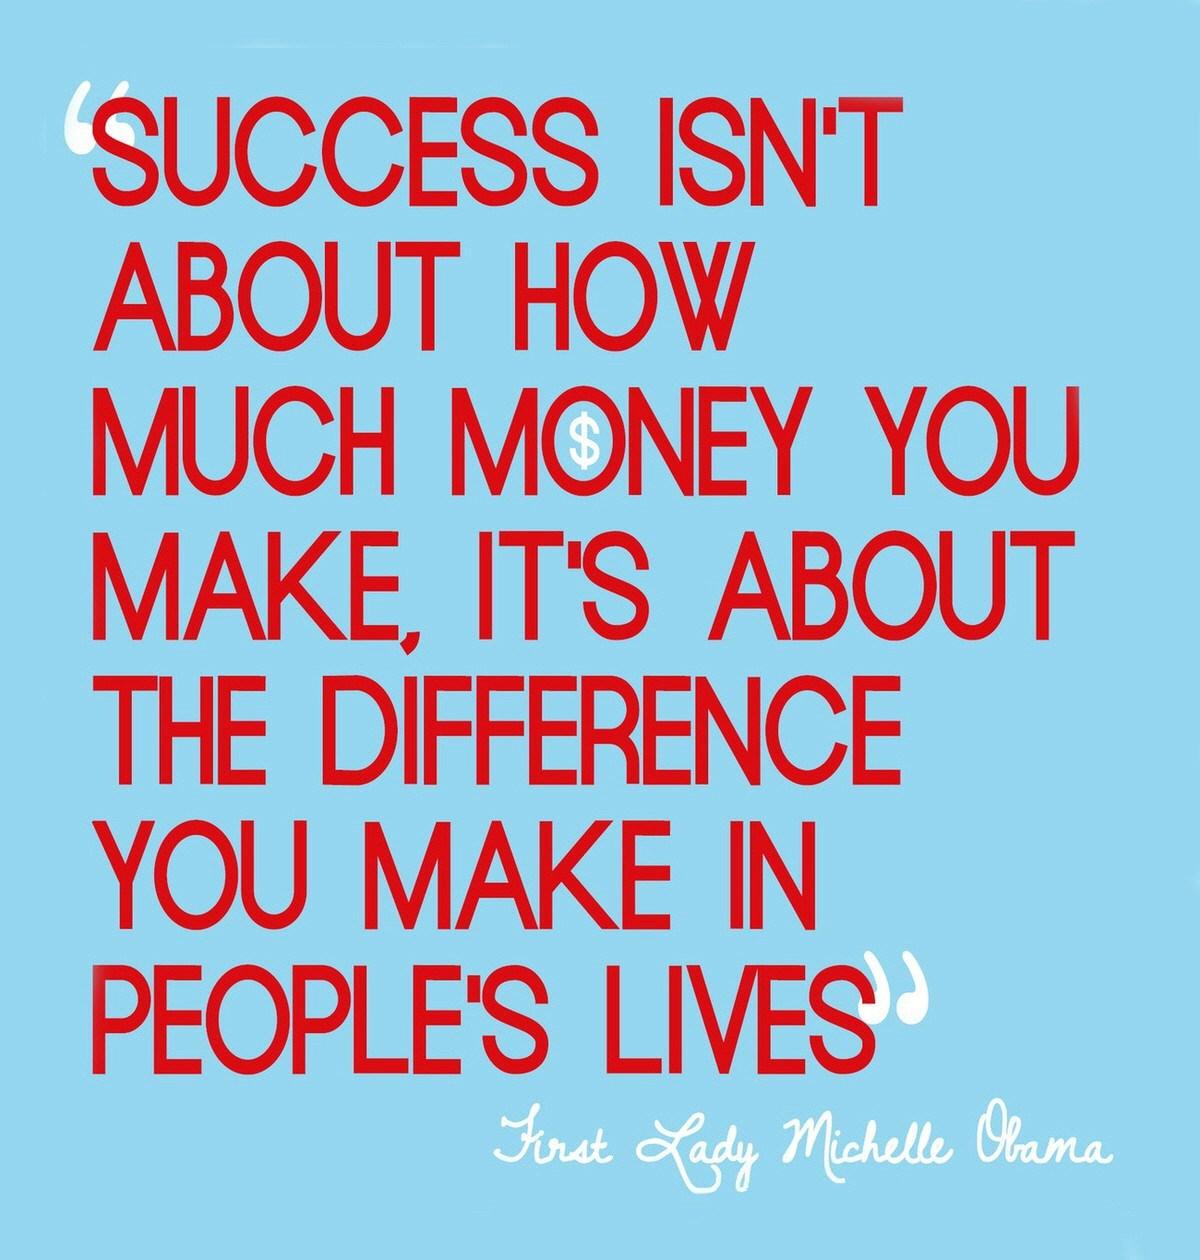 Quotes In Success: Michelle Obama Inspirational Quotes. QuotesGram